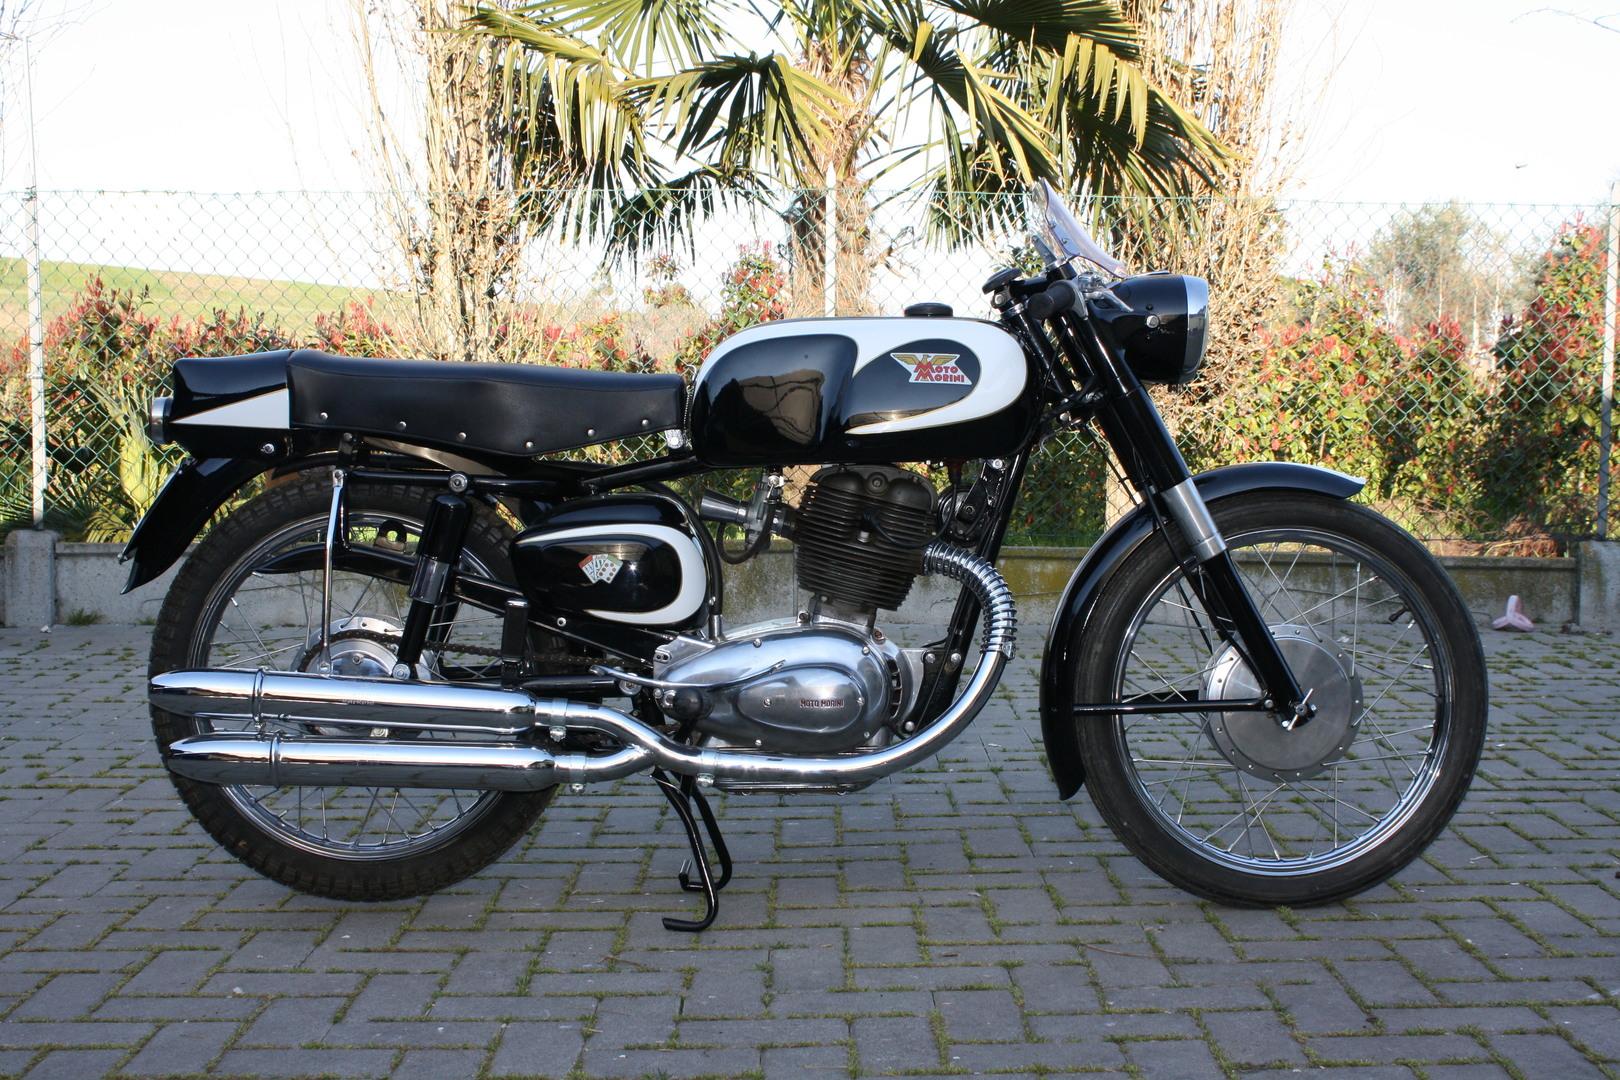 Moto Morini, Tresette Sprint 175 del 1958